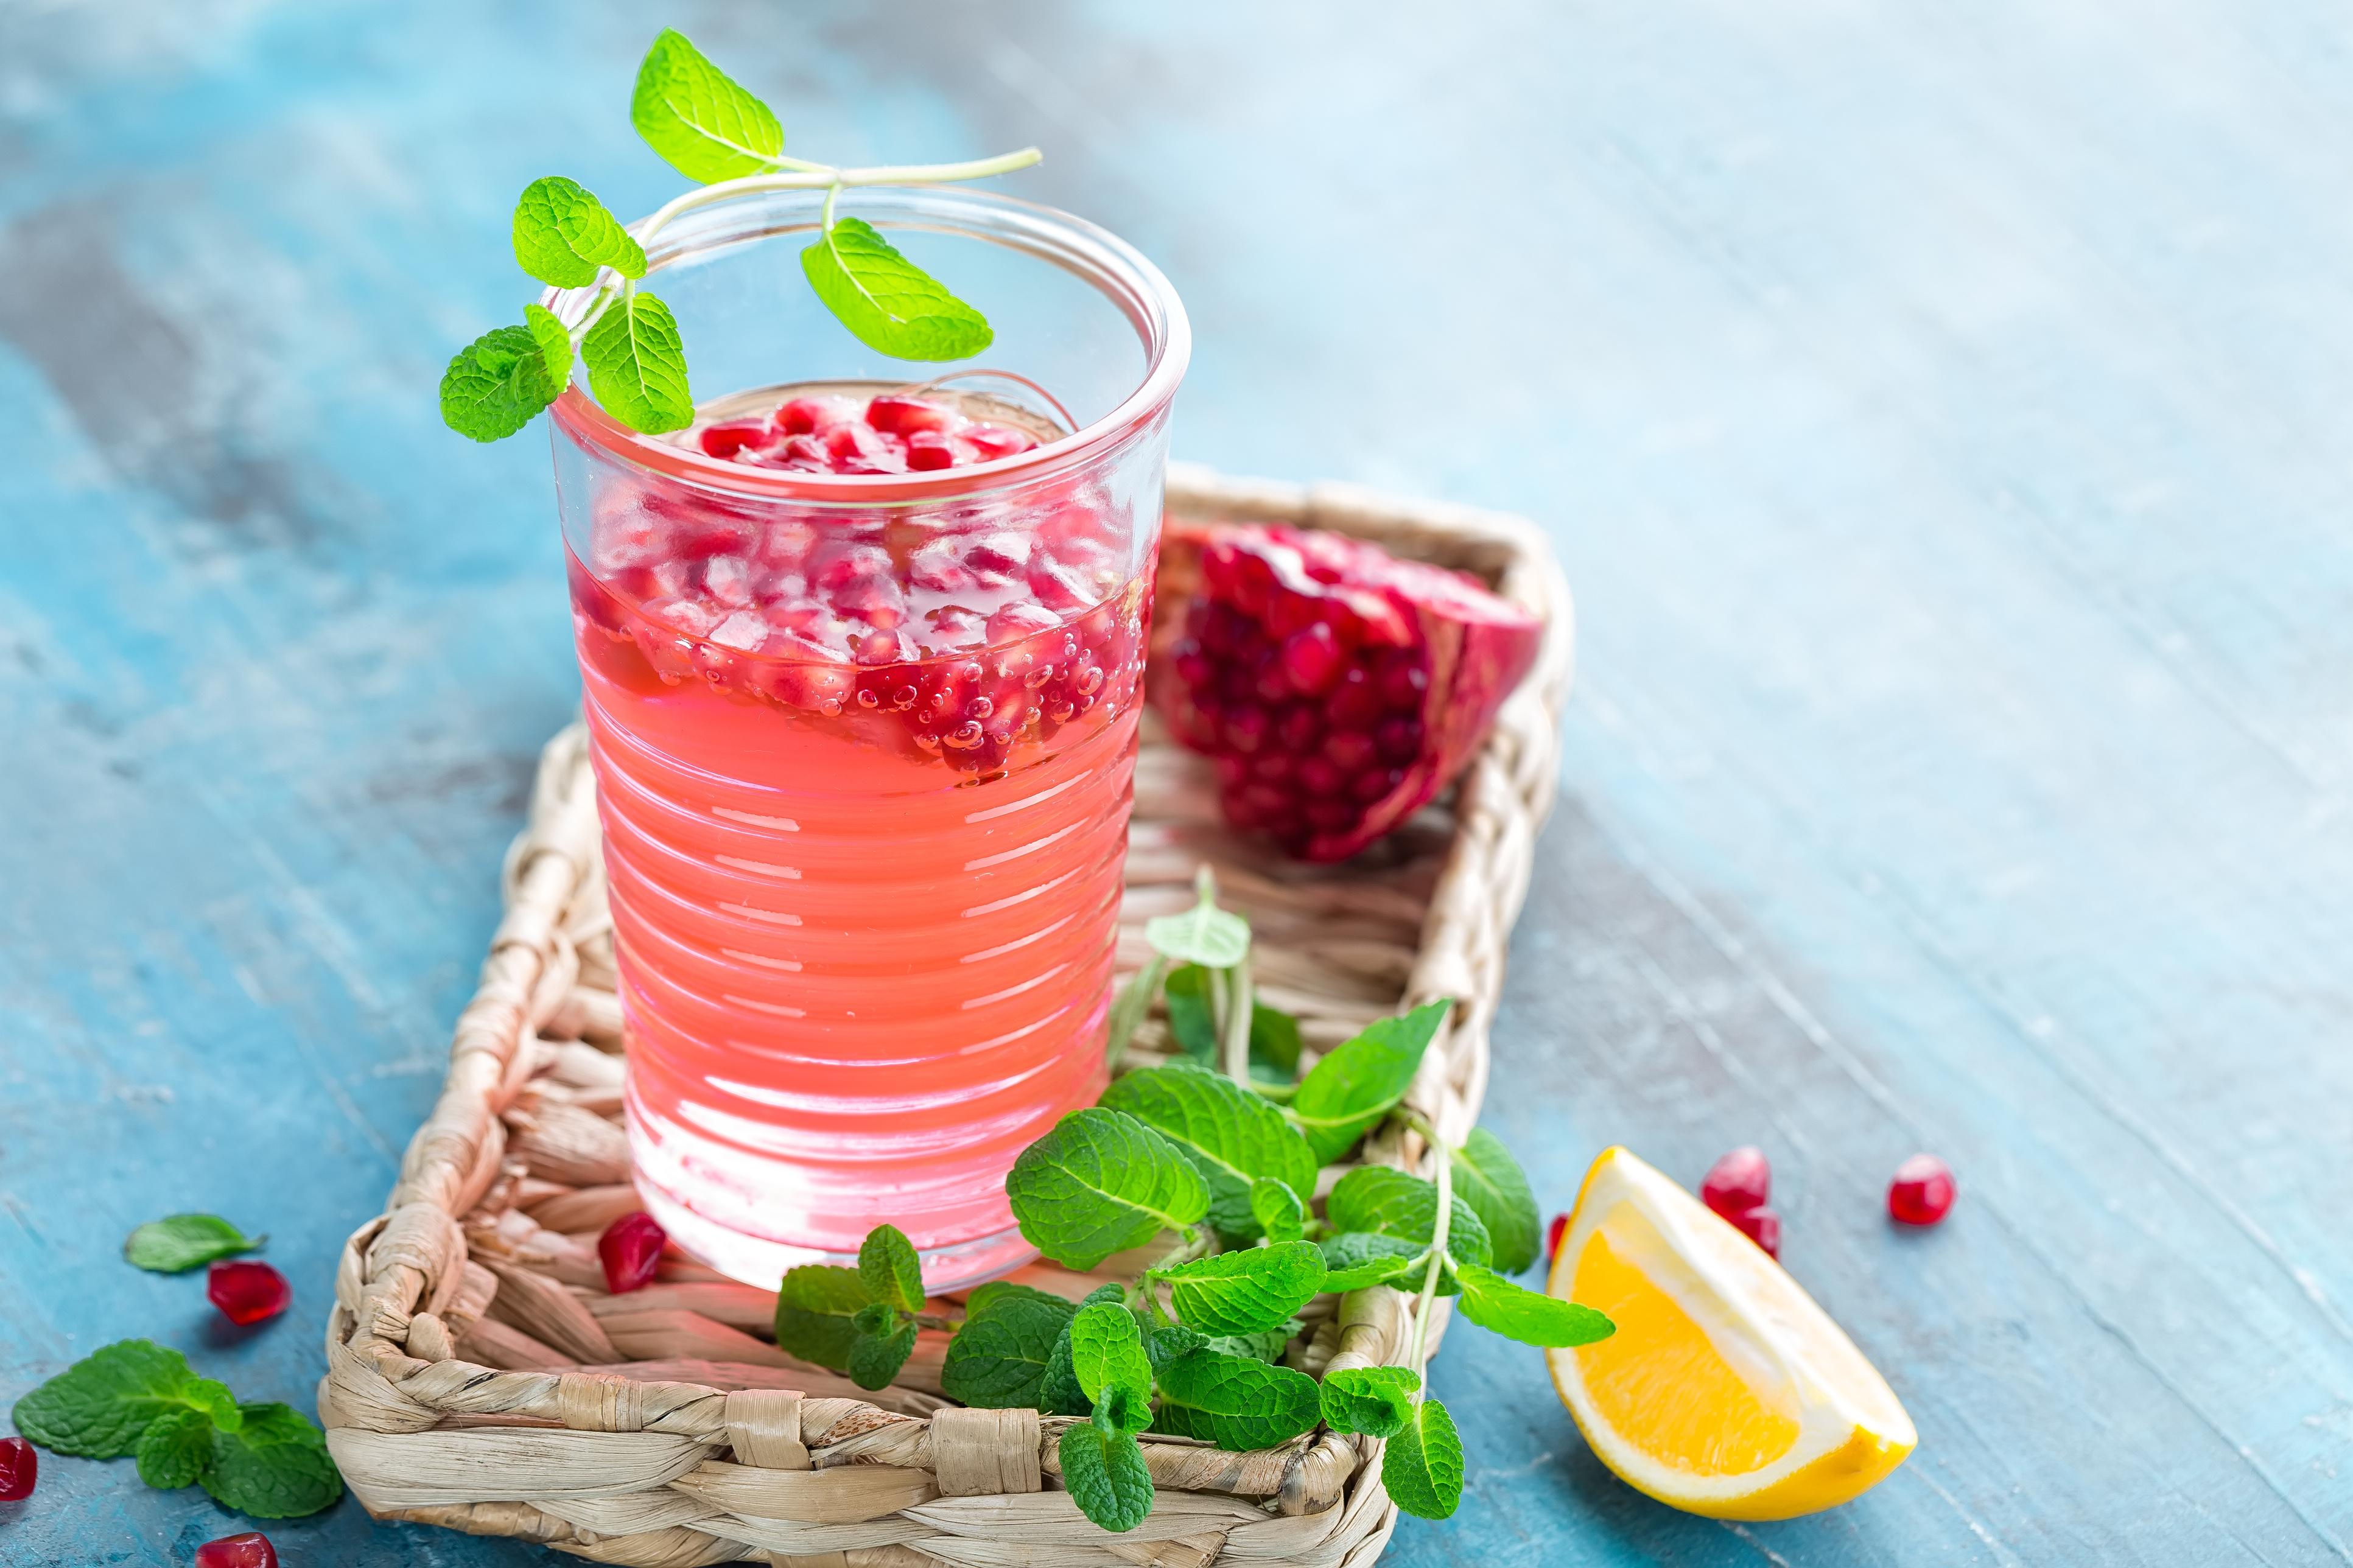 Fantasztikus fogyókúrás ital a lapos hasért - 9 kiló 2 hét alatt